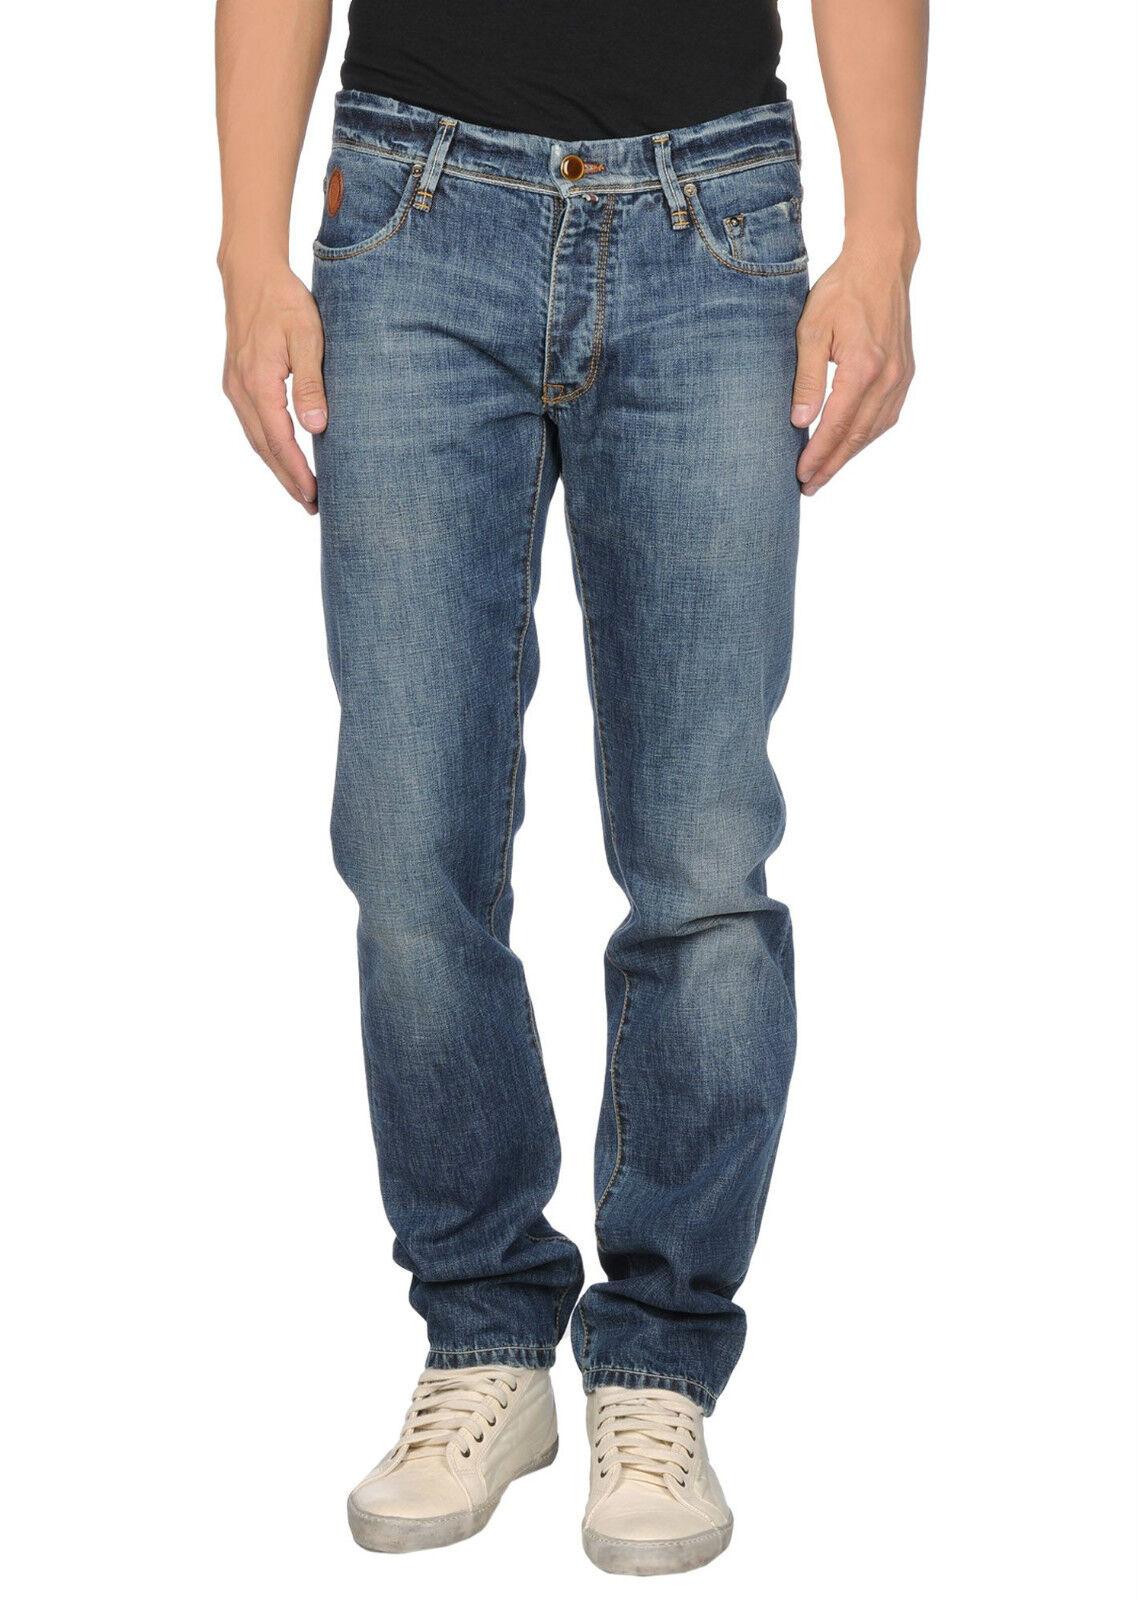 TRU TRUSSARDI Jeans uomo effetto vintage vita regolare logo in PROMOZIONE